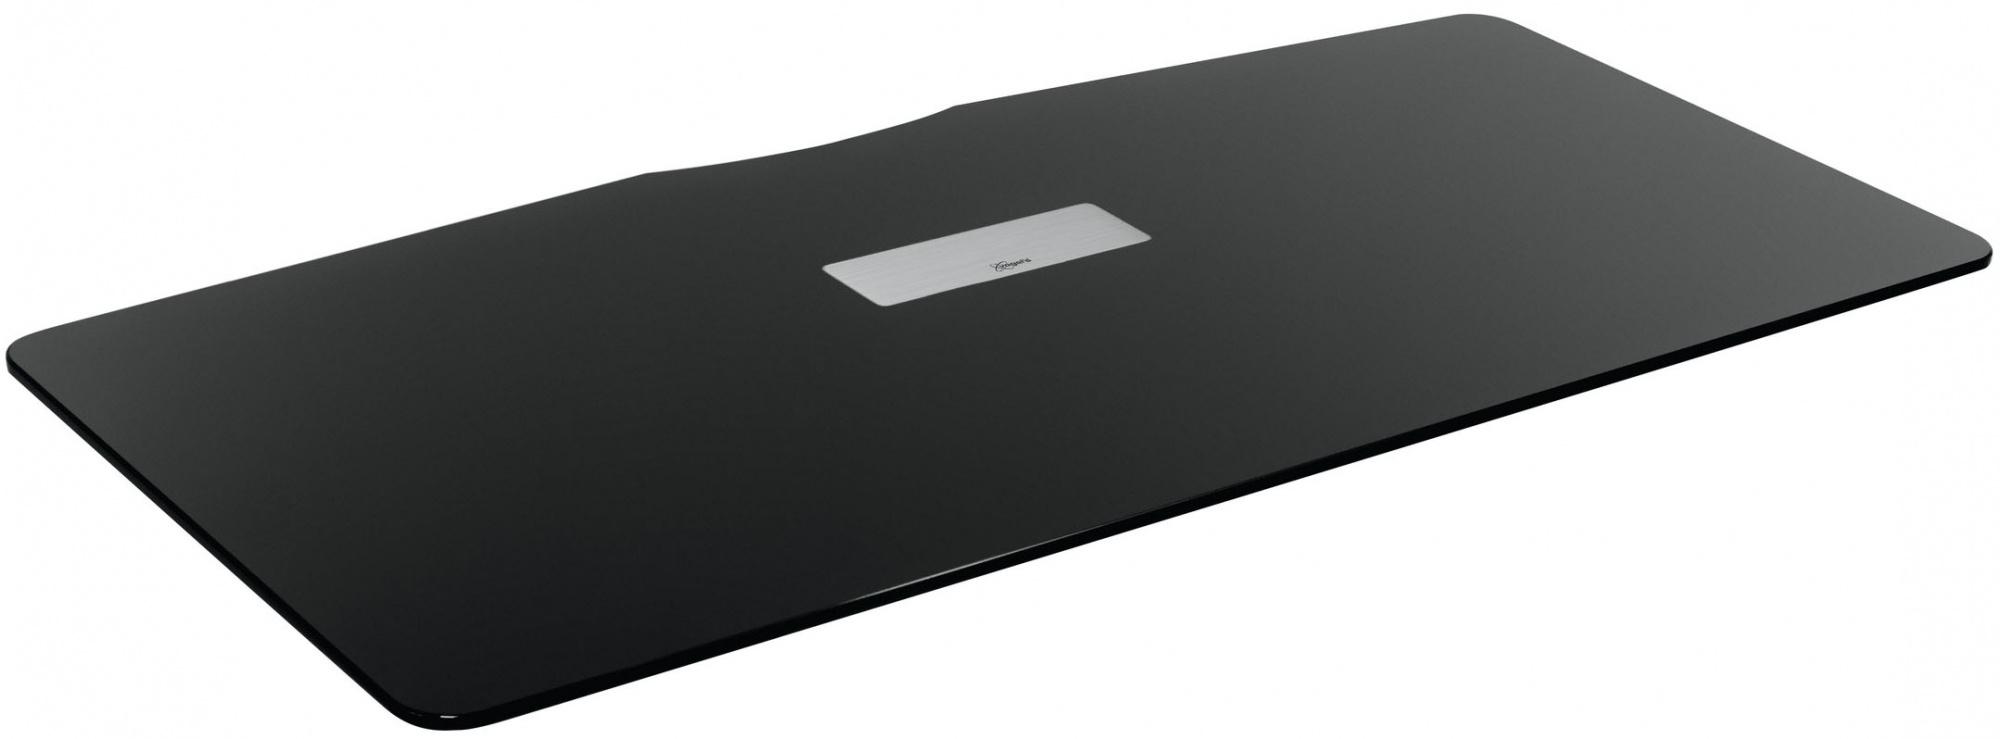 Vogels NEXT 7825 - полка для аудио-видео аппаратуры (Black)Прочие аксессуары для телевизоров<br>Полка для аудио-видео аппаратуры<br>